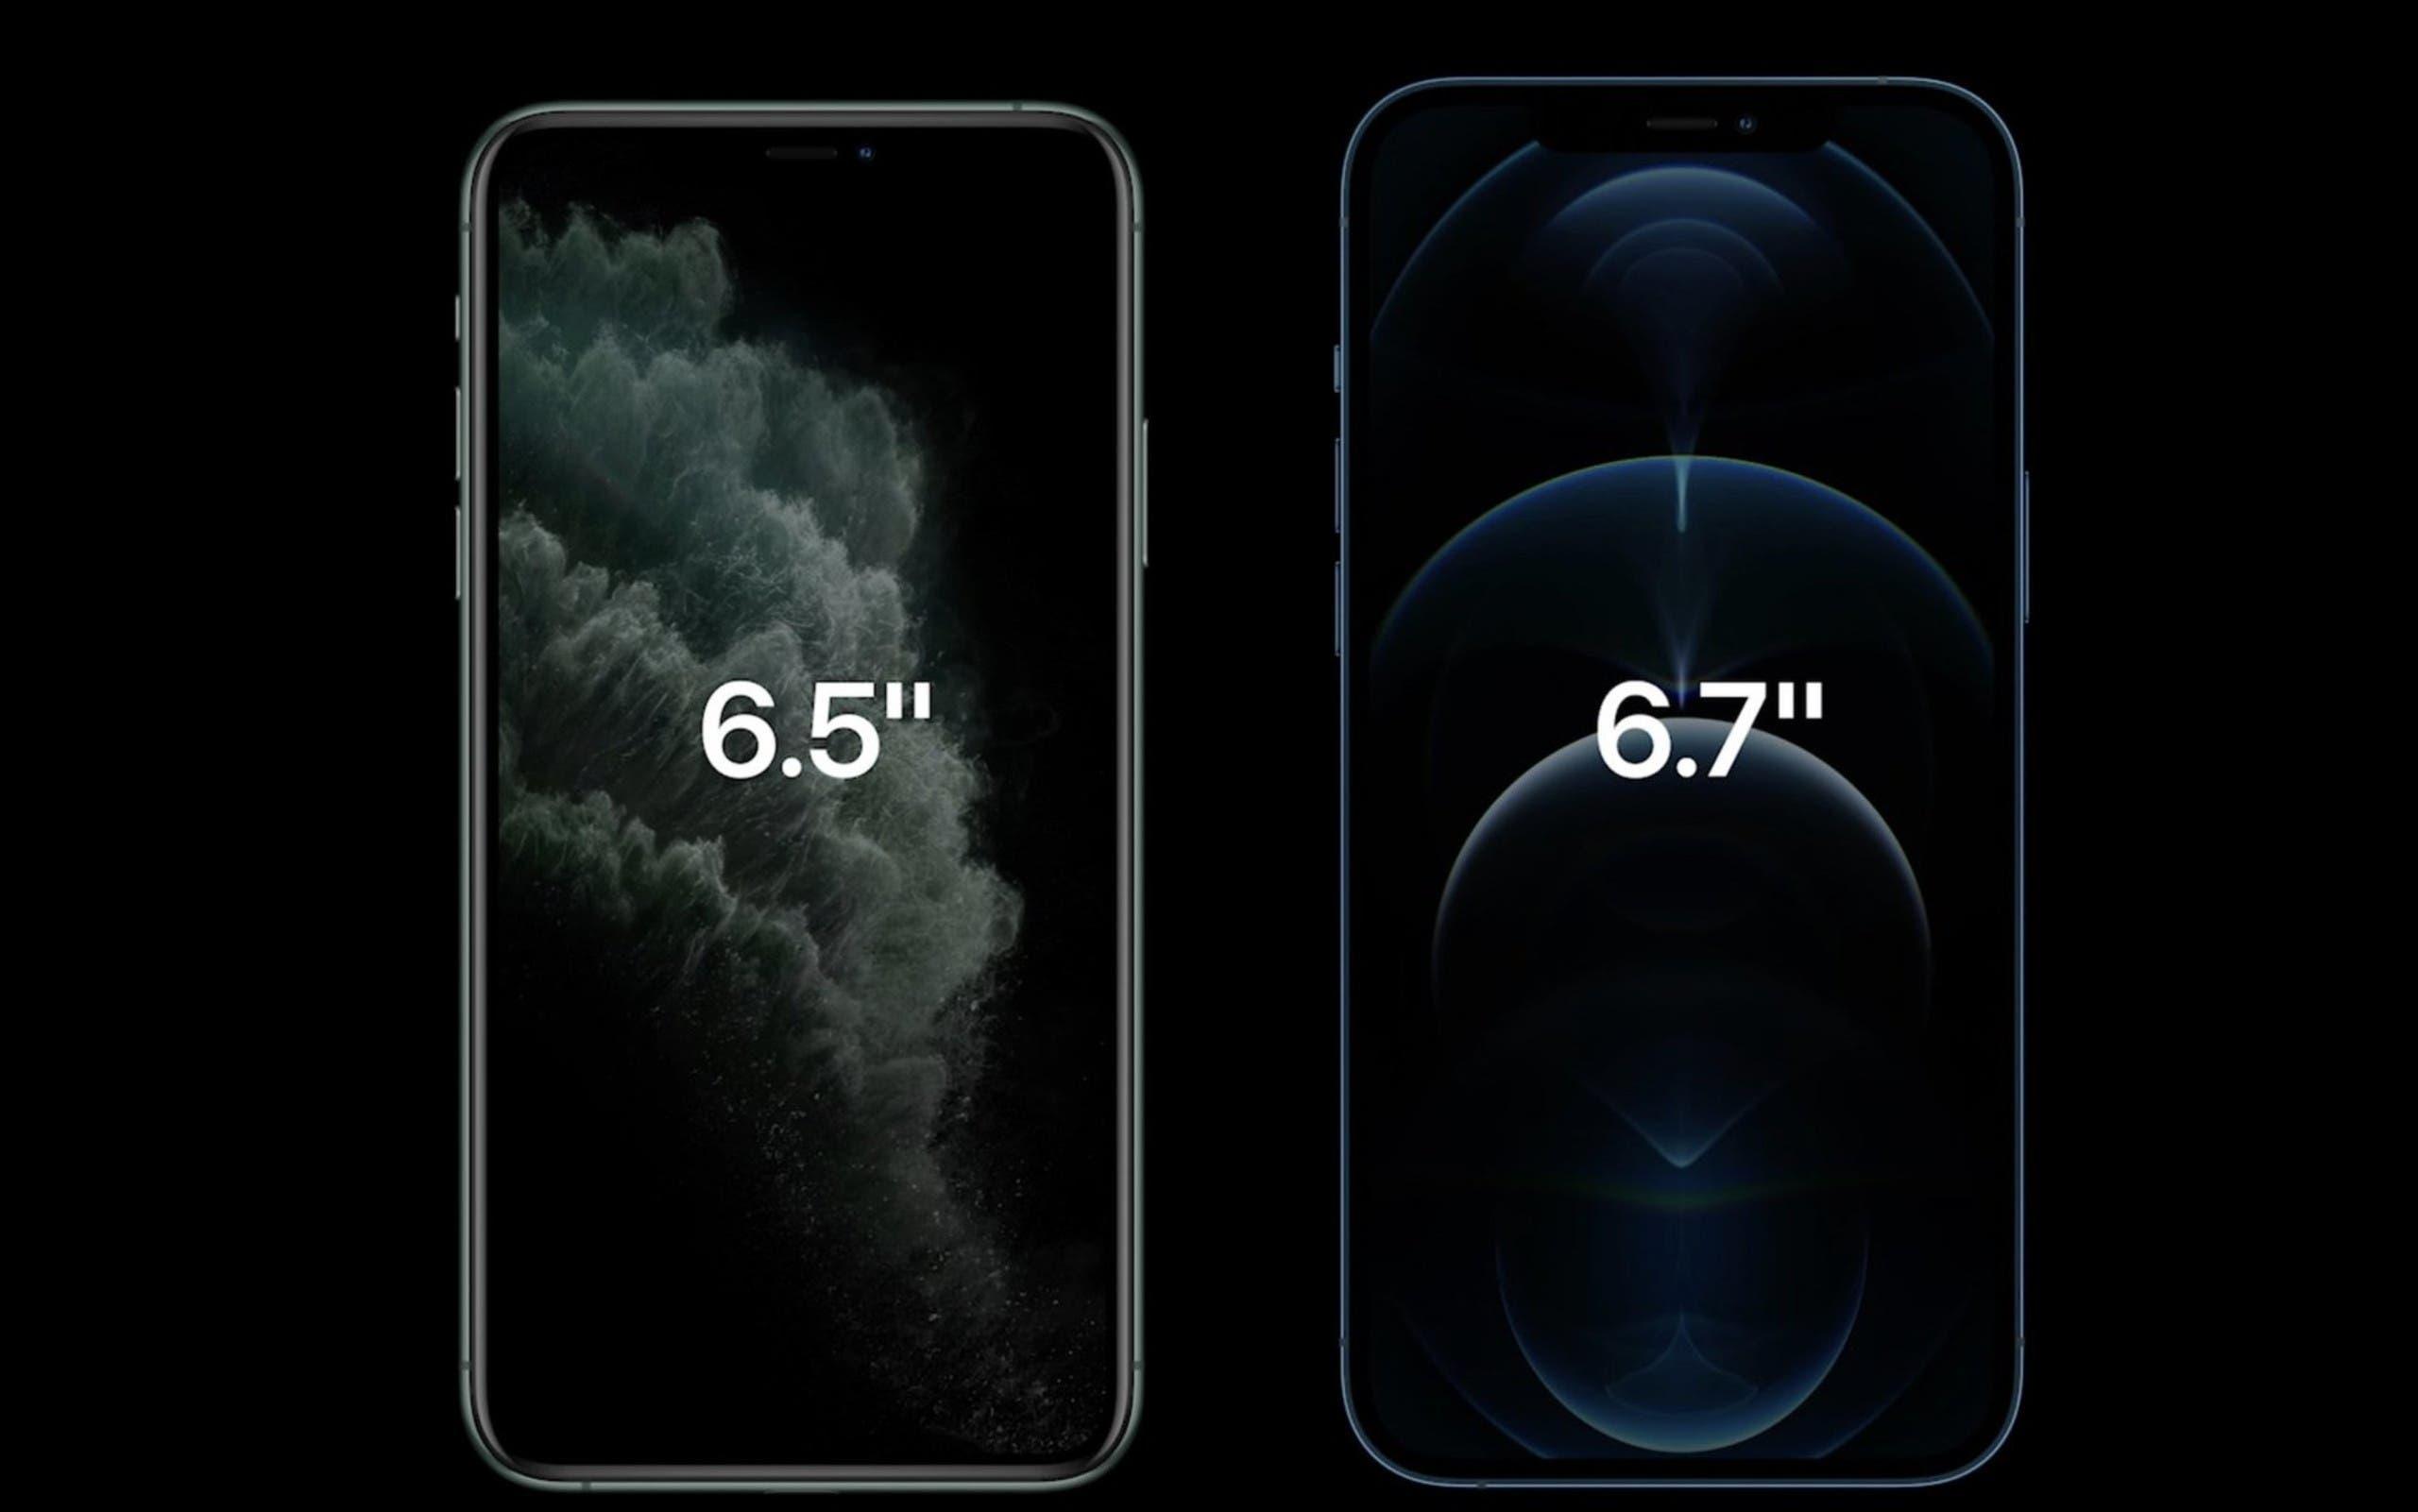 اختلاف الحجم بين آيفون 12 برو وآيفون 11 برو